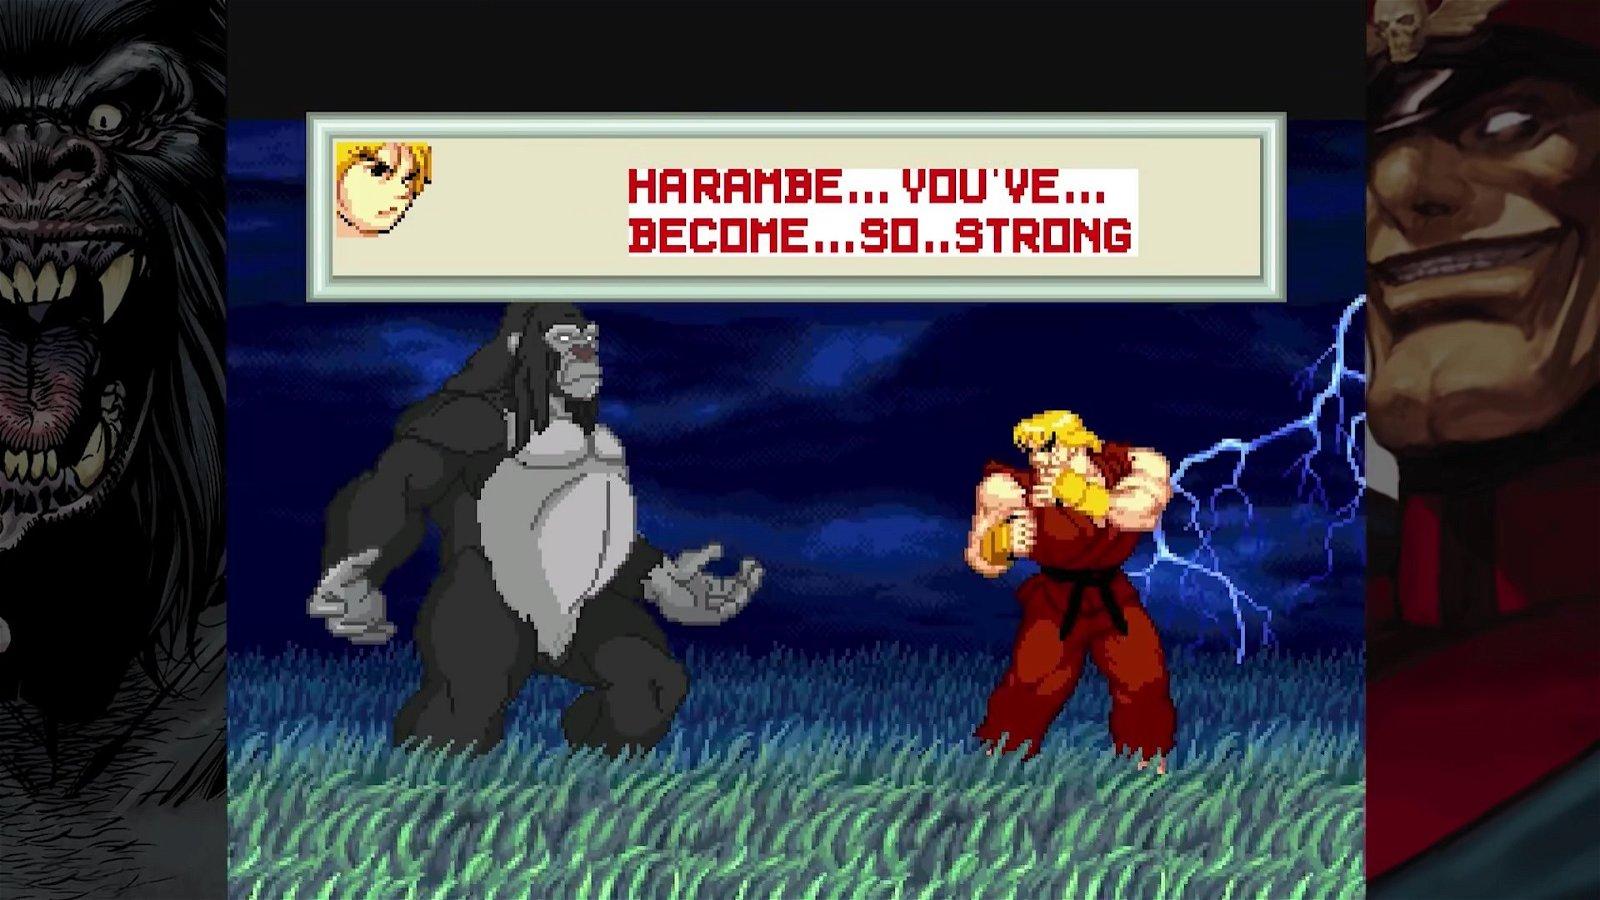 El gorila asesinado Harambe protagoniza un videojuego al estilo Street Fighter